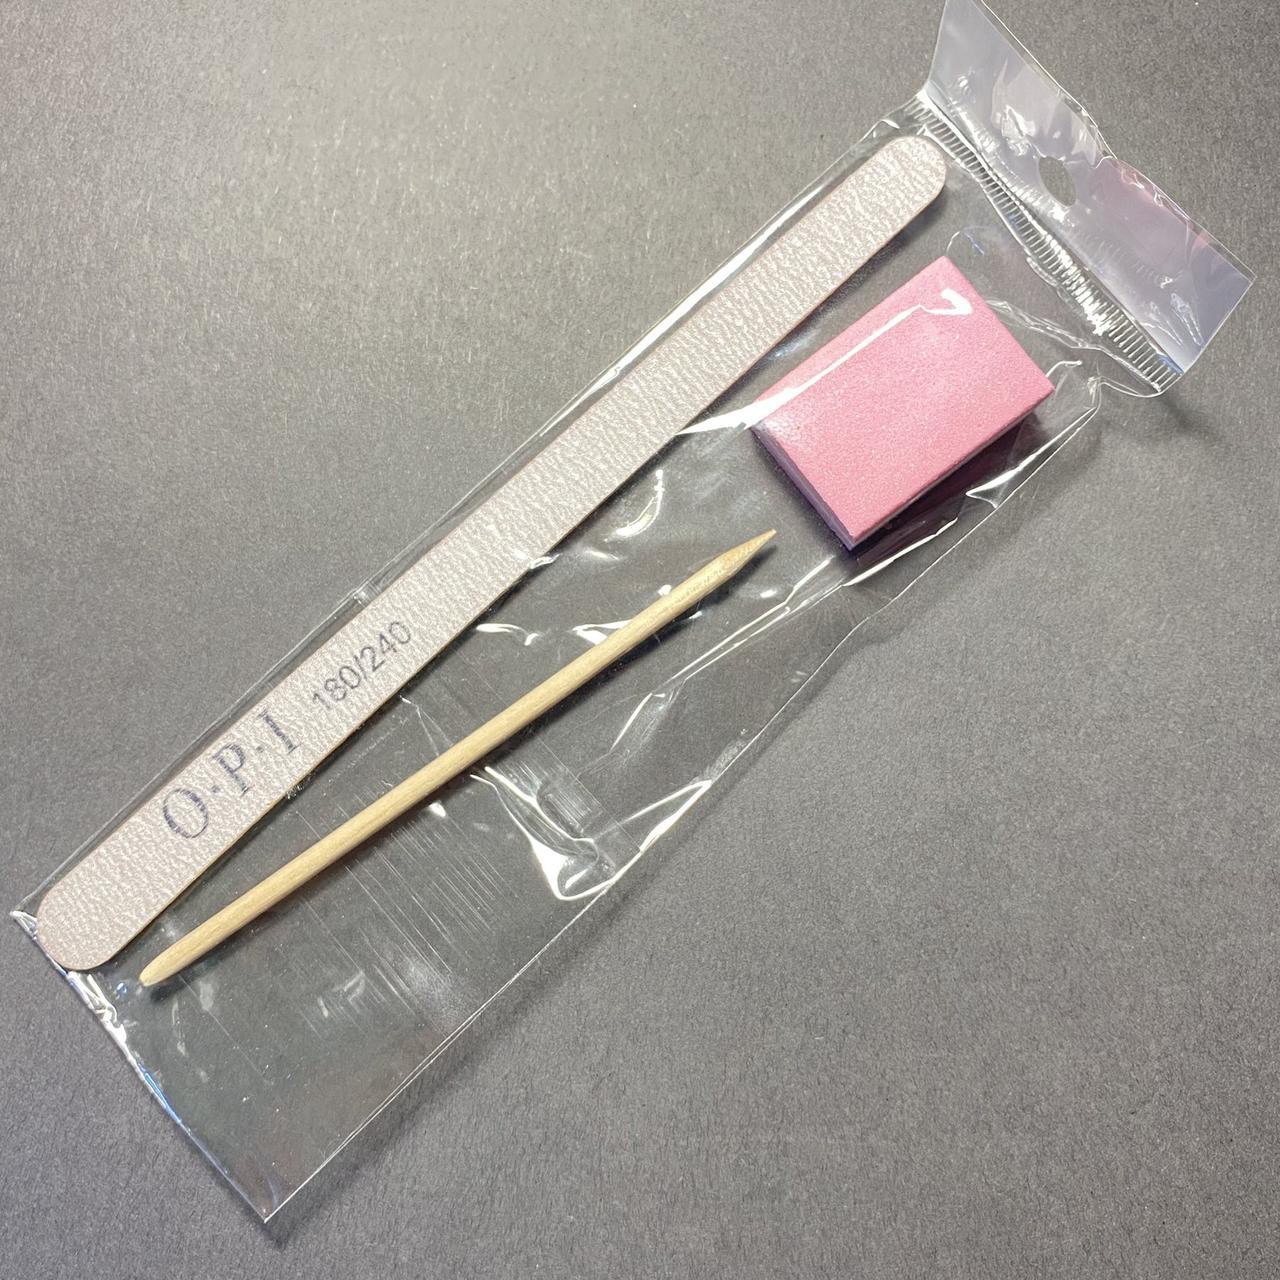 Индивидуальный набор для маникюра (пилочка 180/240, баф, апельсиновая палочка)